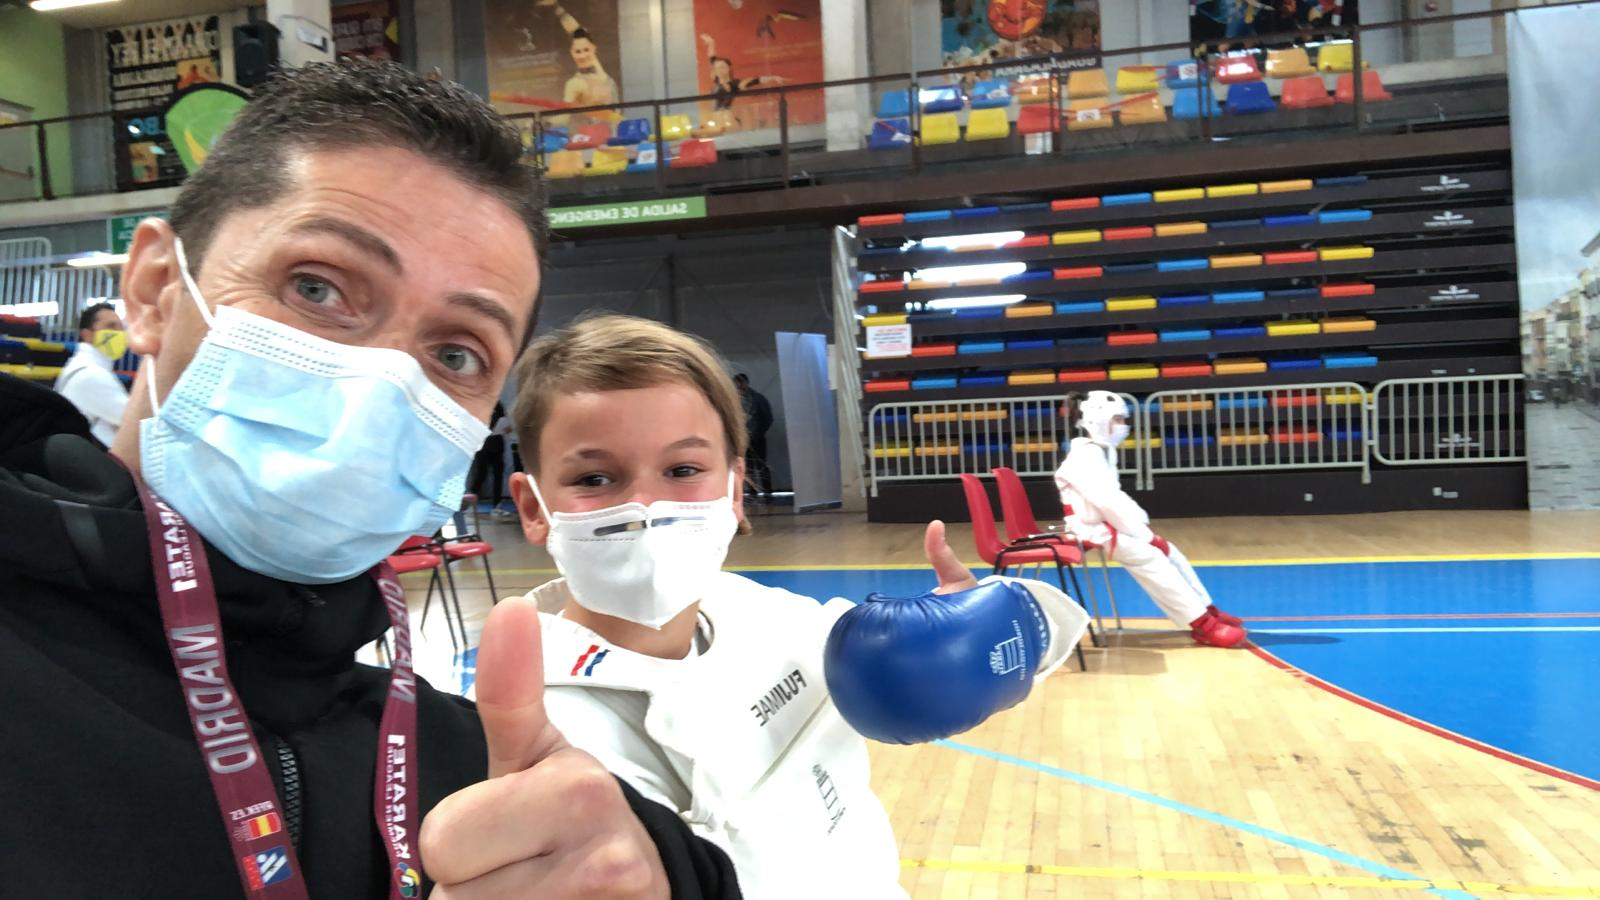 La karateka del club Suhari Tías obtiene la clasificación directa para la gran final los días 12 y 13 de diciembre en Málaga